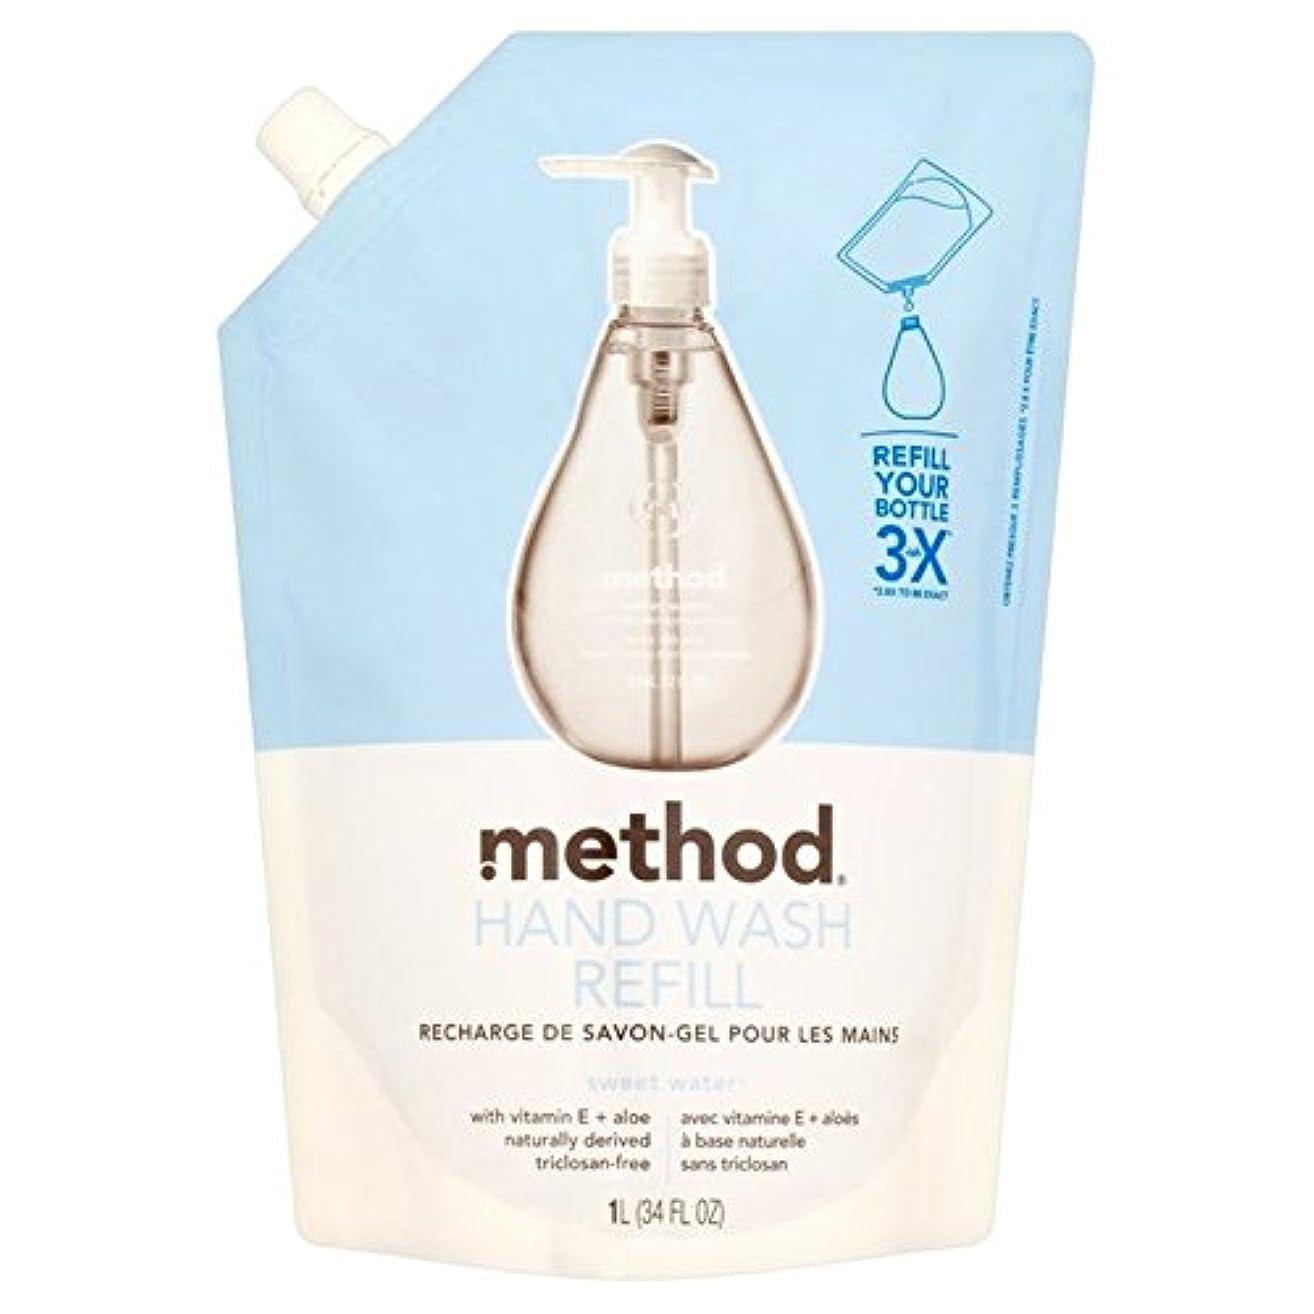 化学者お世話になったダッシュメソッドの甘い水のリファイルの手洗いの1リットル x4 - Method Sweet Water Refil Handwash 1L (Pack of 4) [並行輸入品]